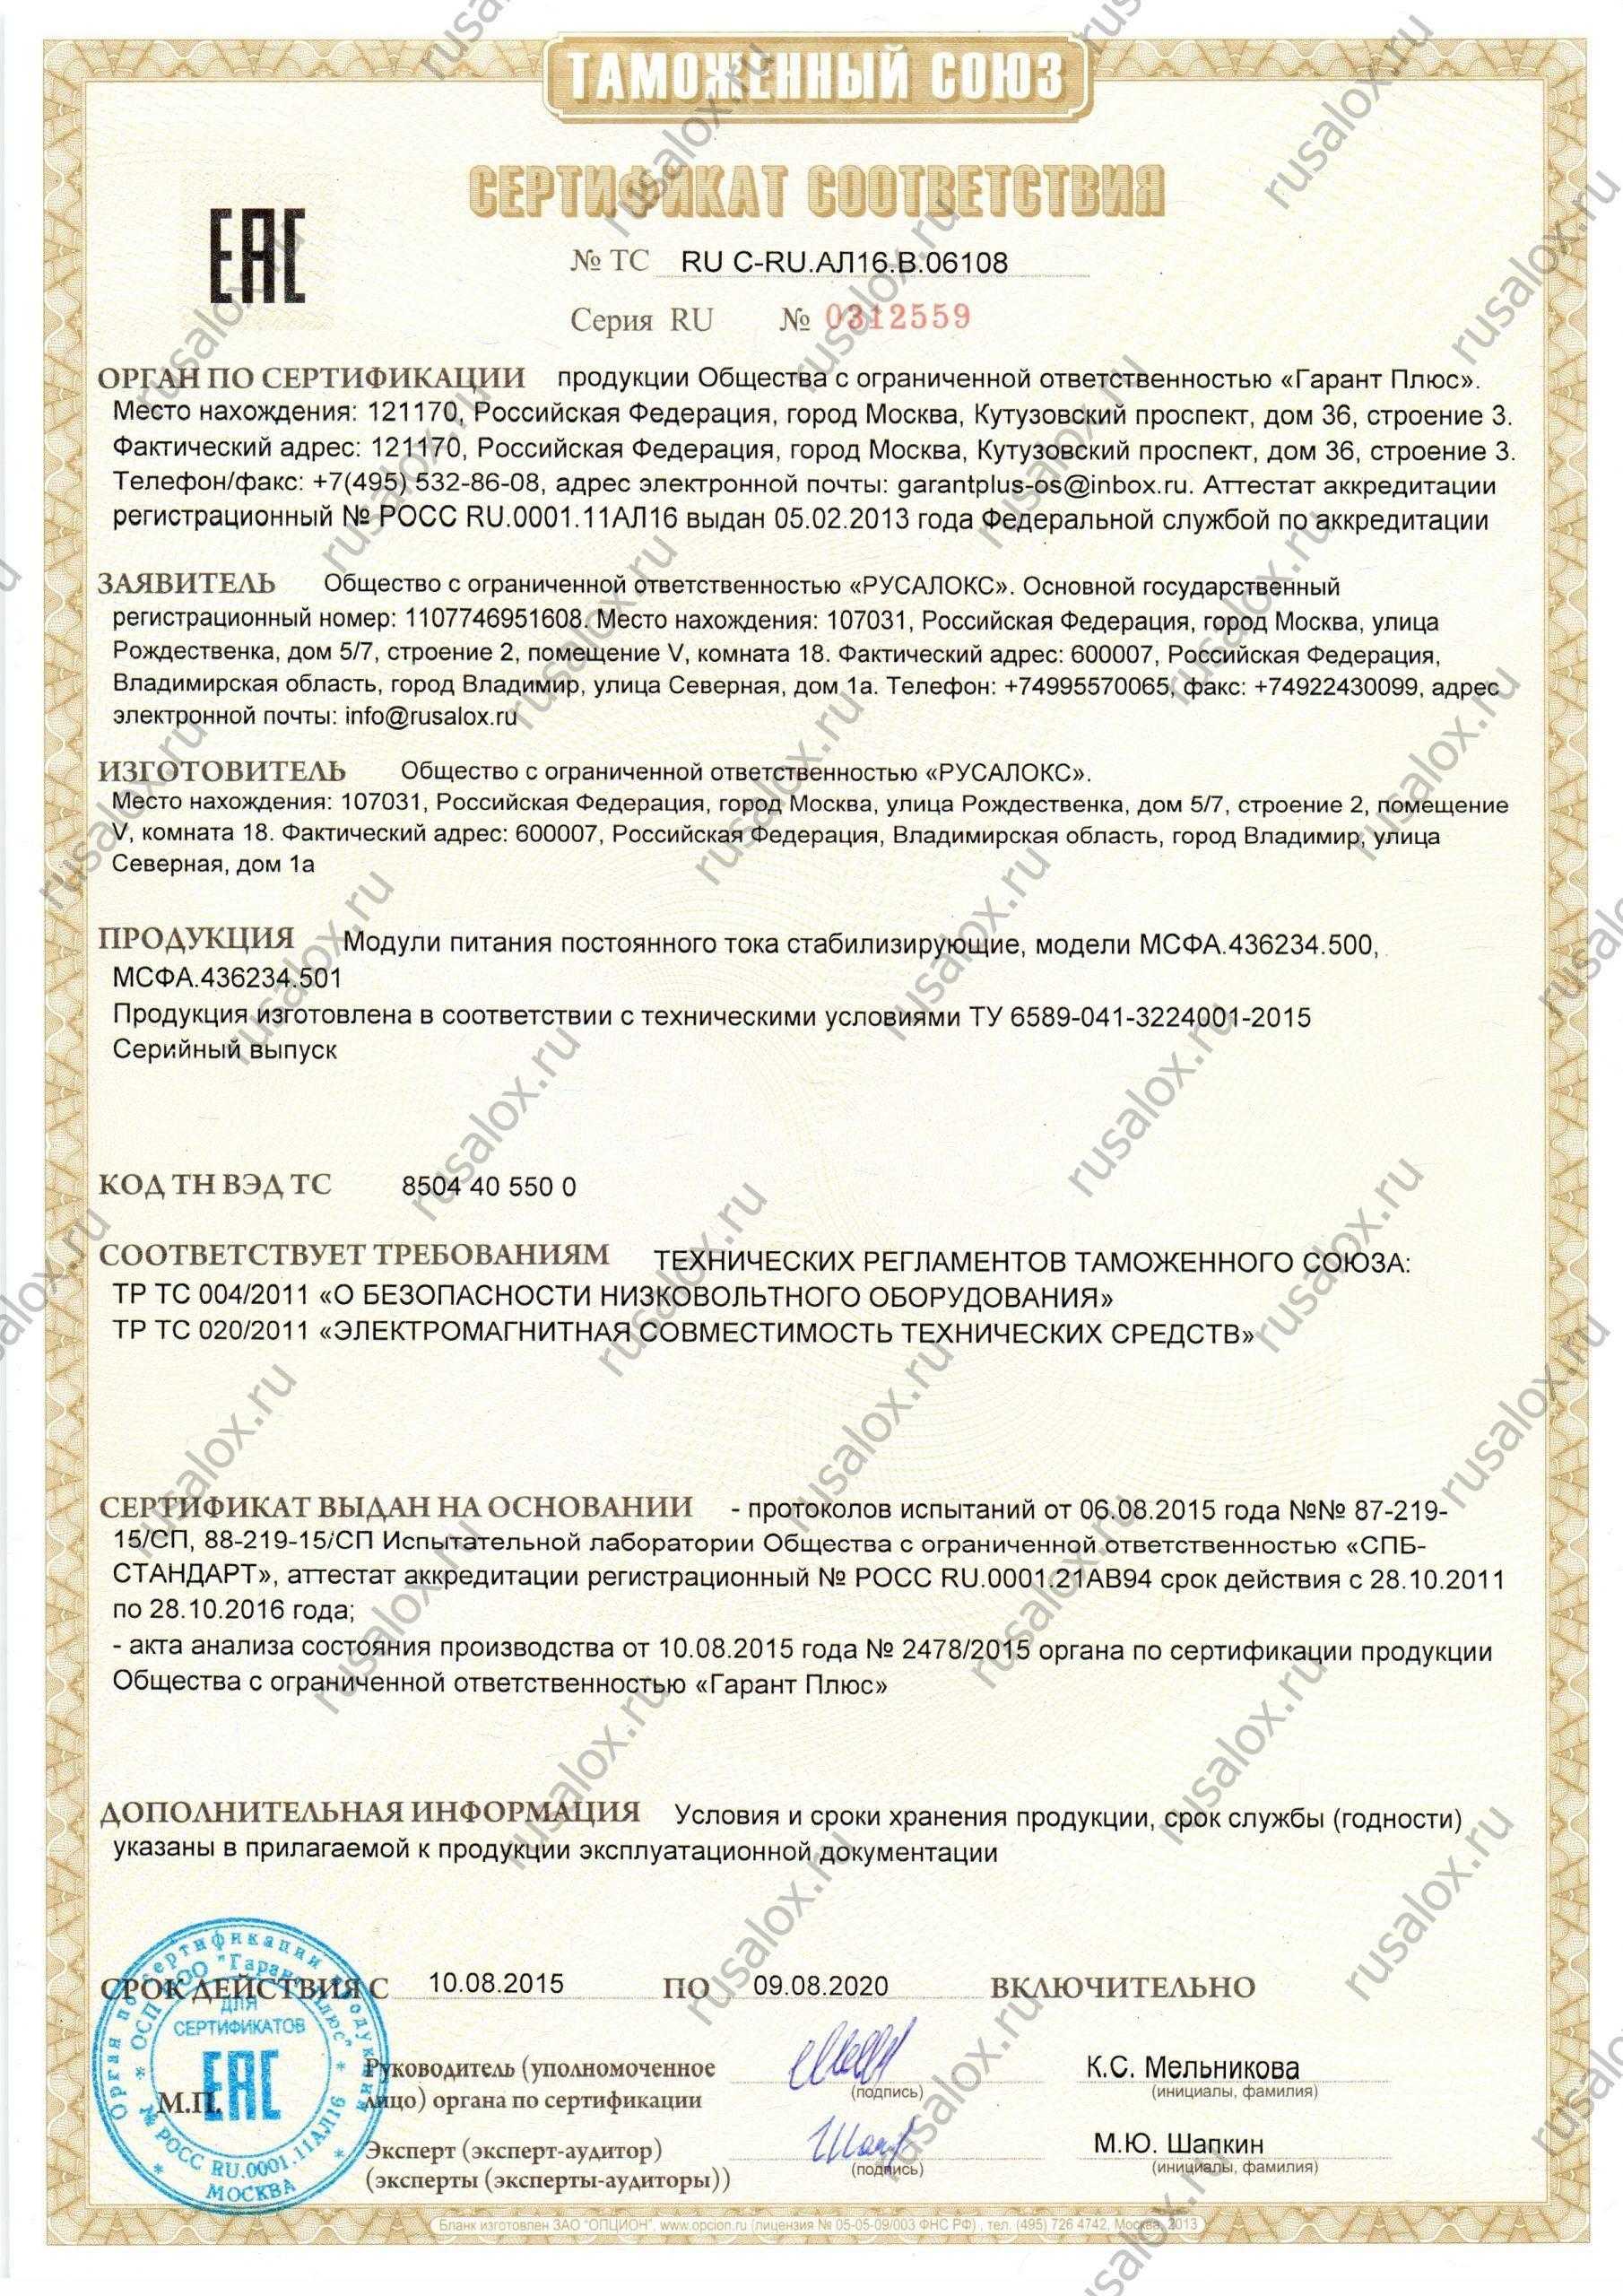 Сертификат соответствия драйверов МСФА.436234.500, МСФА.436234.501